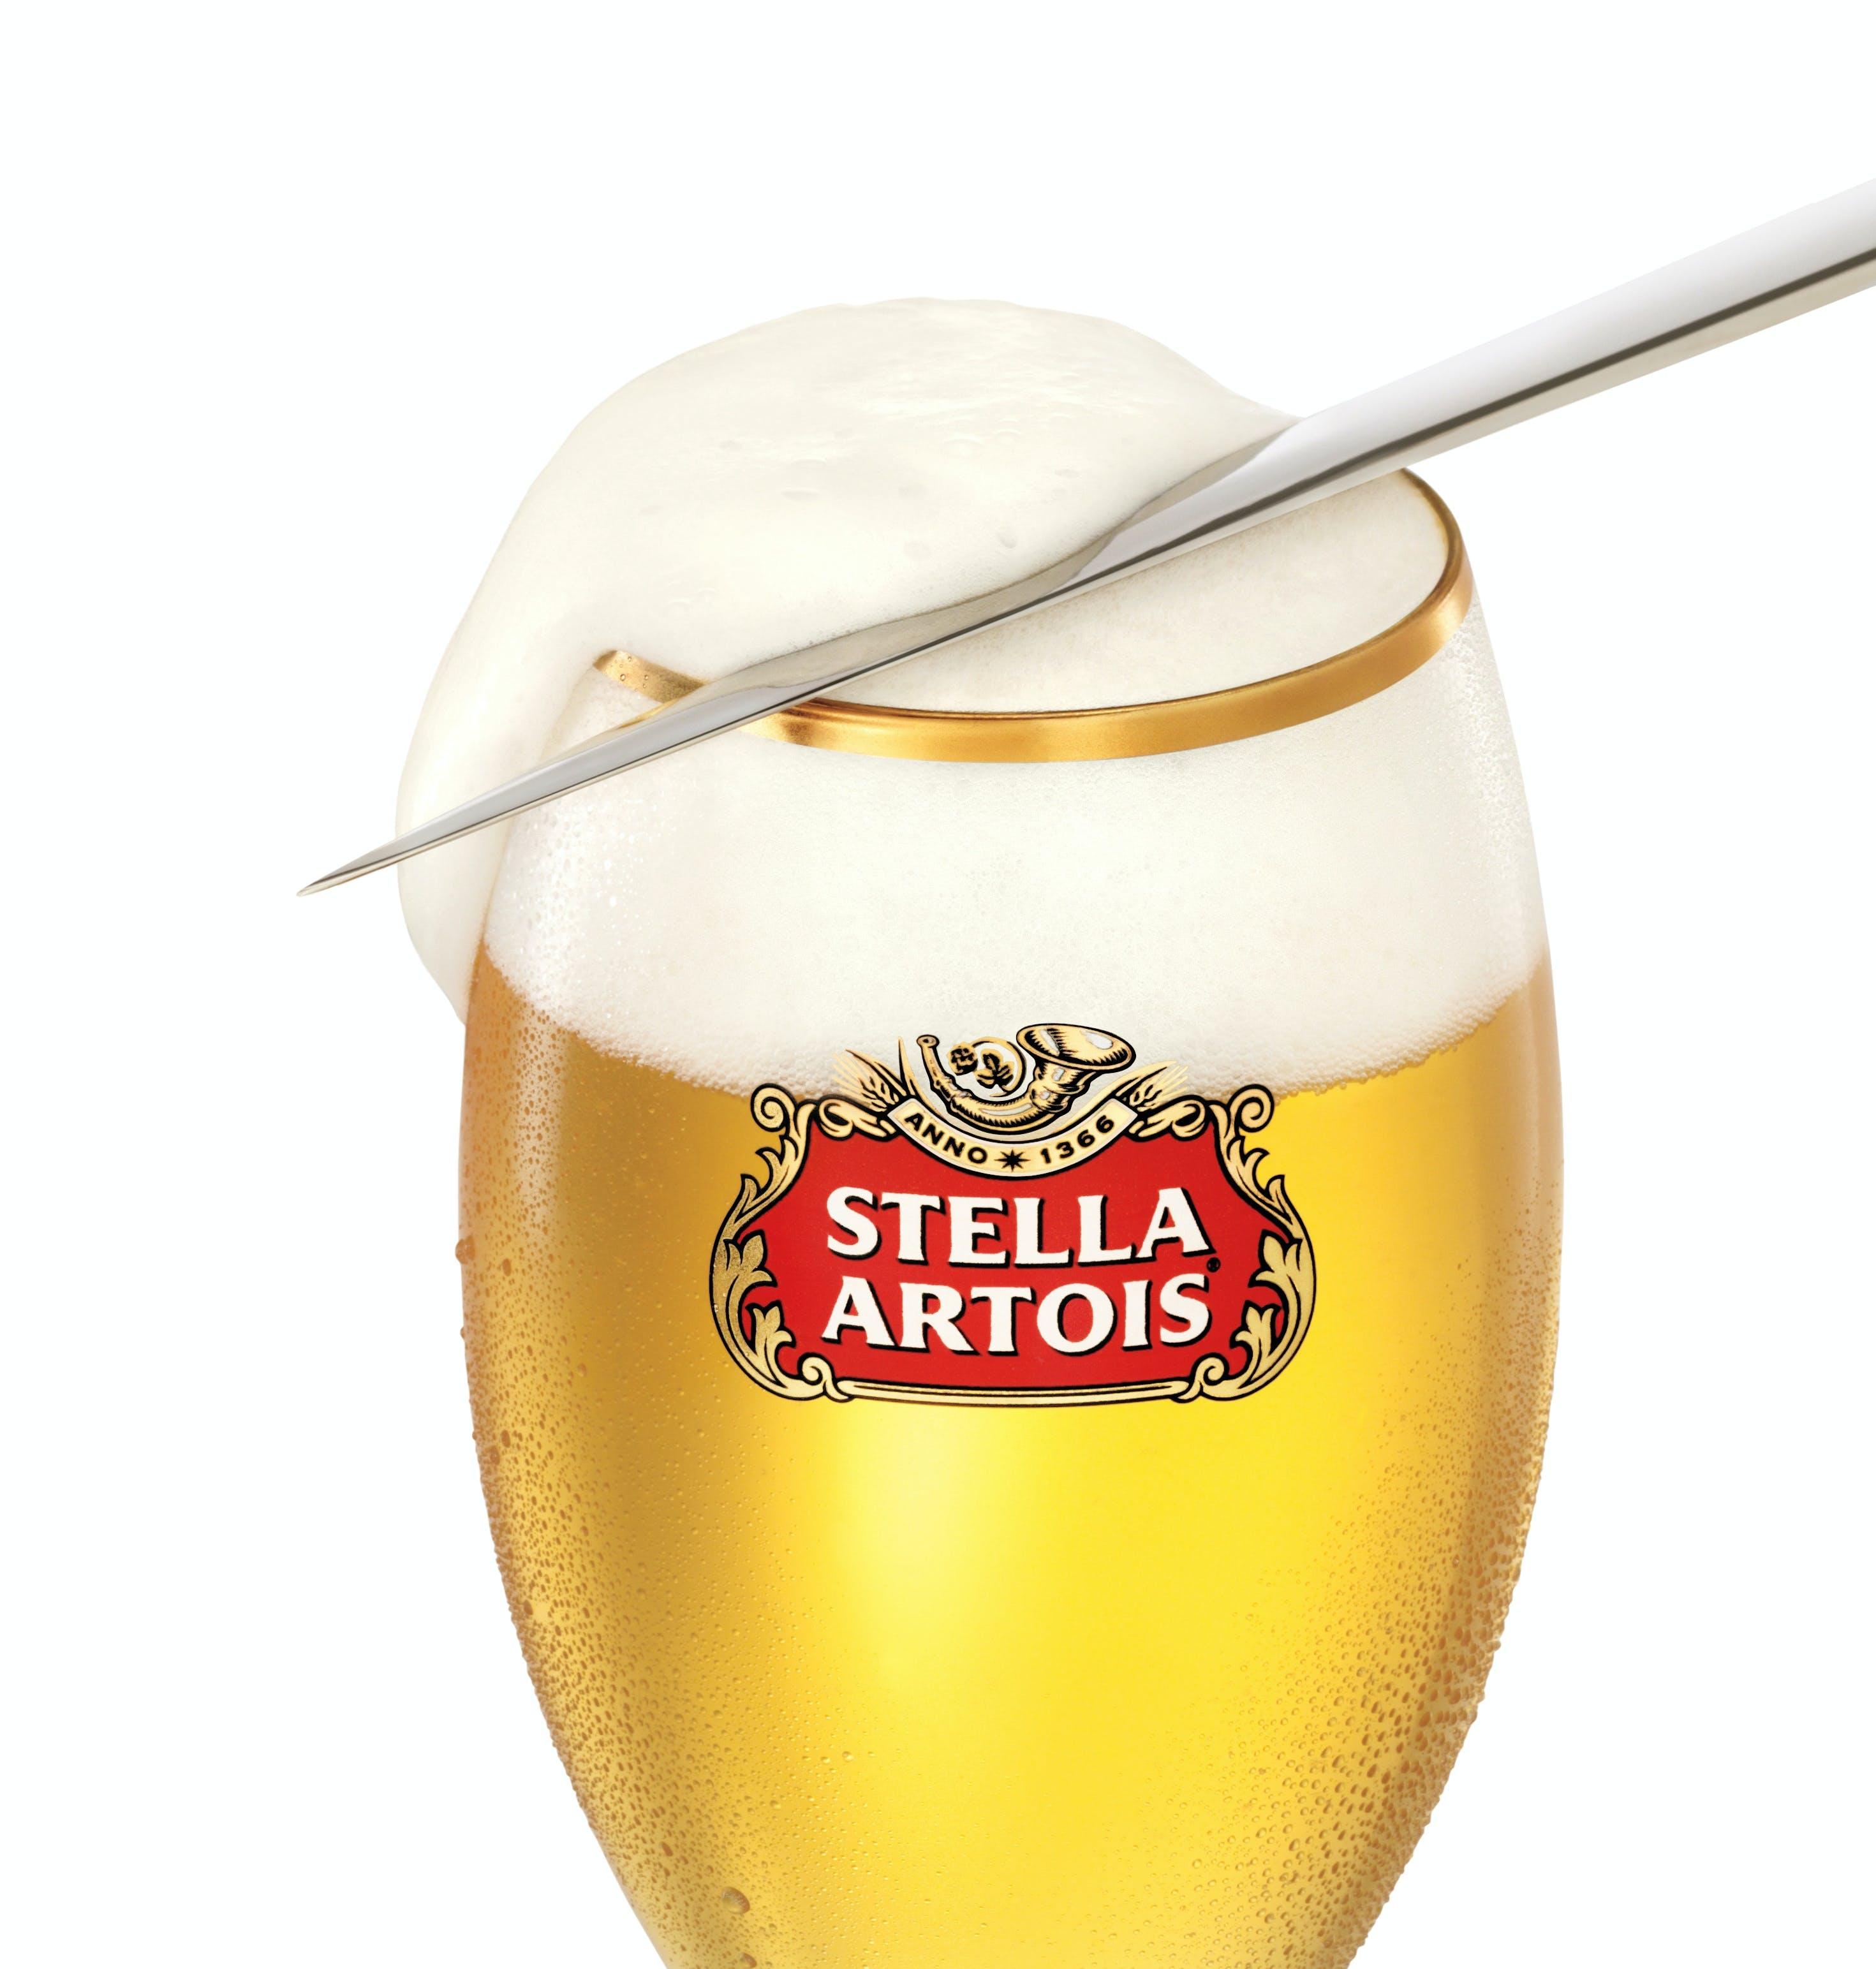 StellaArtois-Chalice-Product-2013